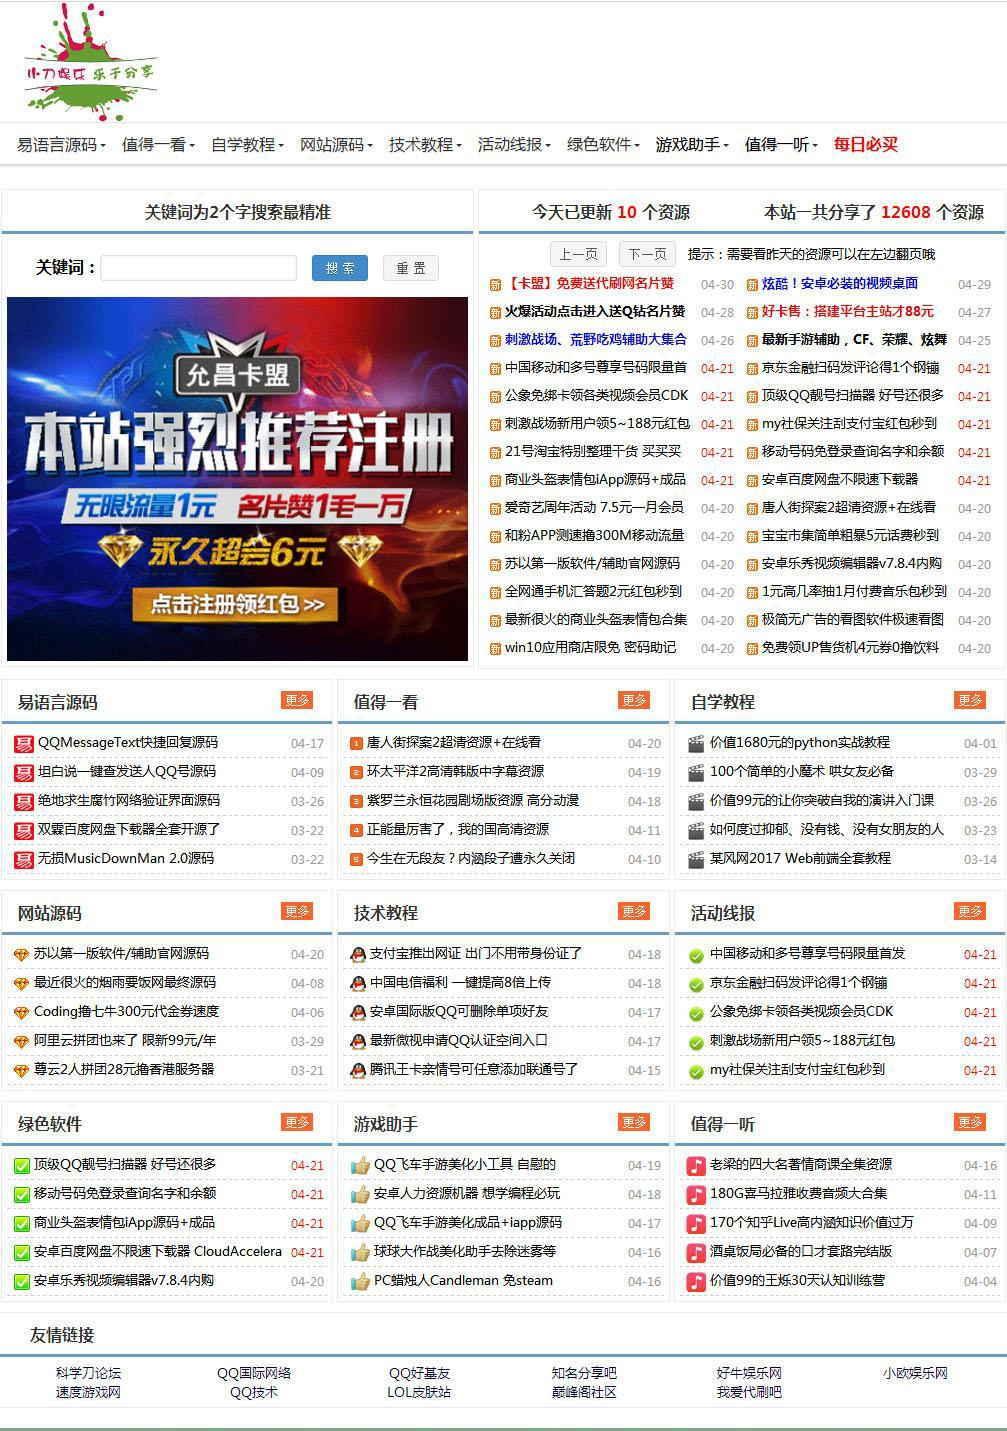 小刀娱乐网asp整站源码(附带手机版) 天人QQ技术网站系统源码下载